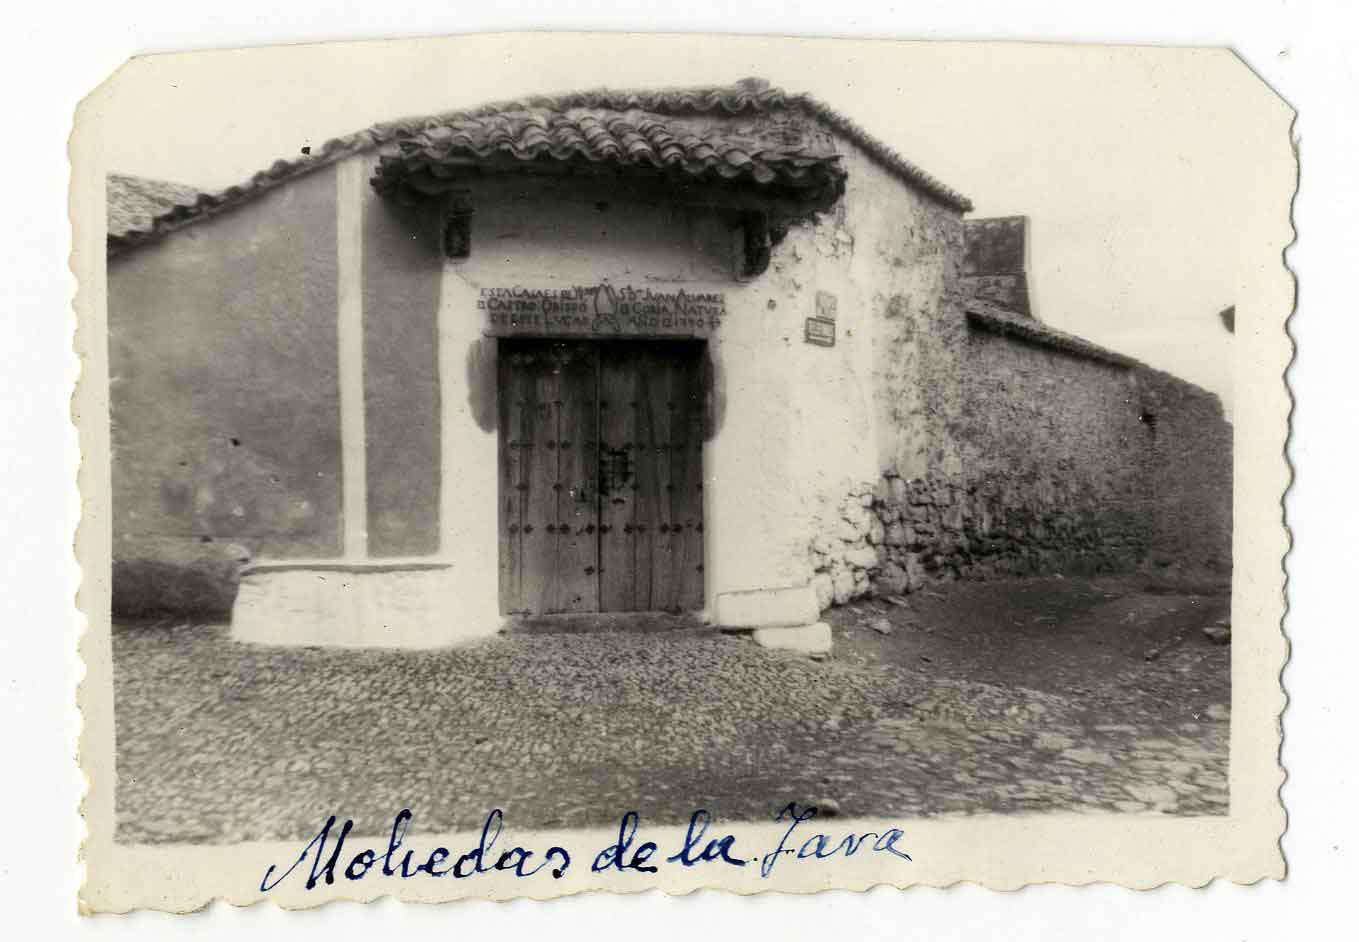 Mohedas de la Jara. Casa del obispo Alvárez. 1959 (P-533)